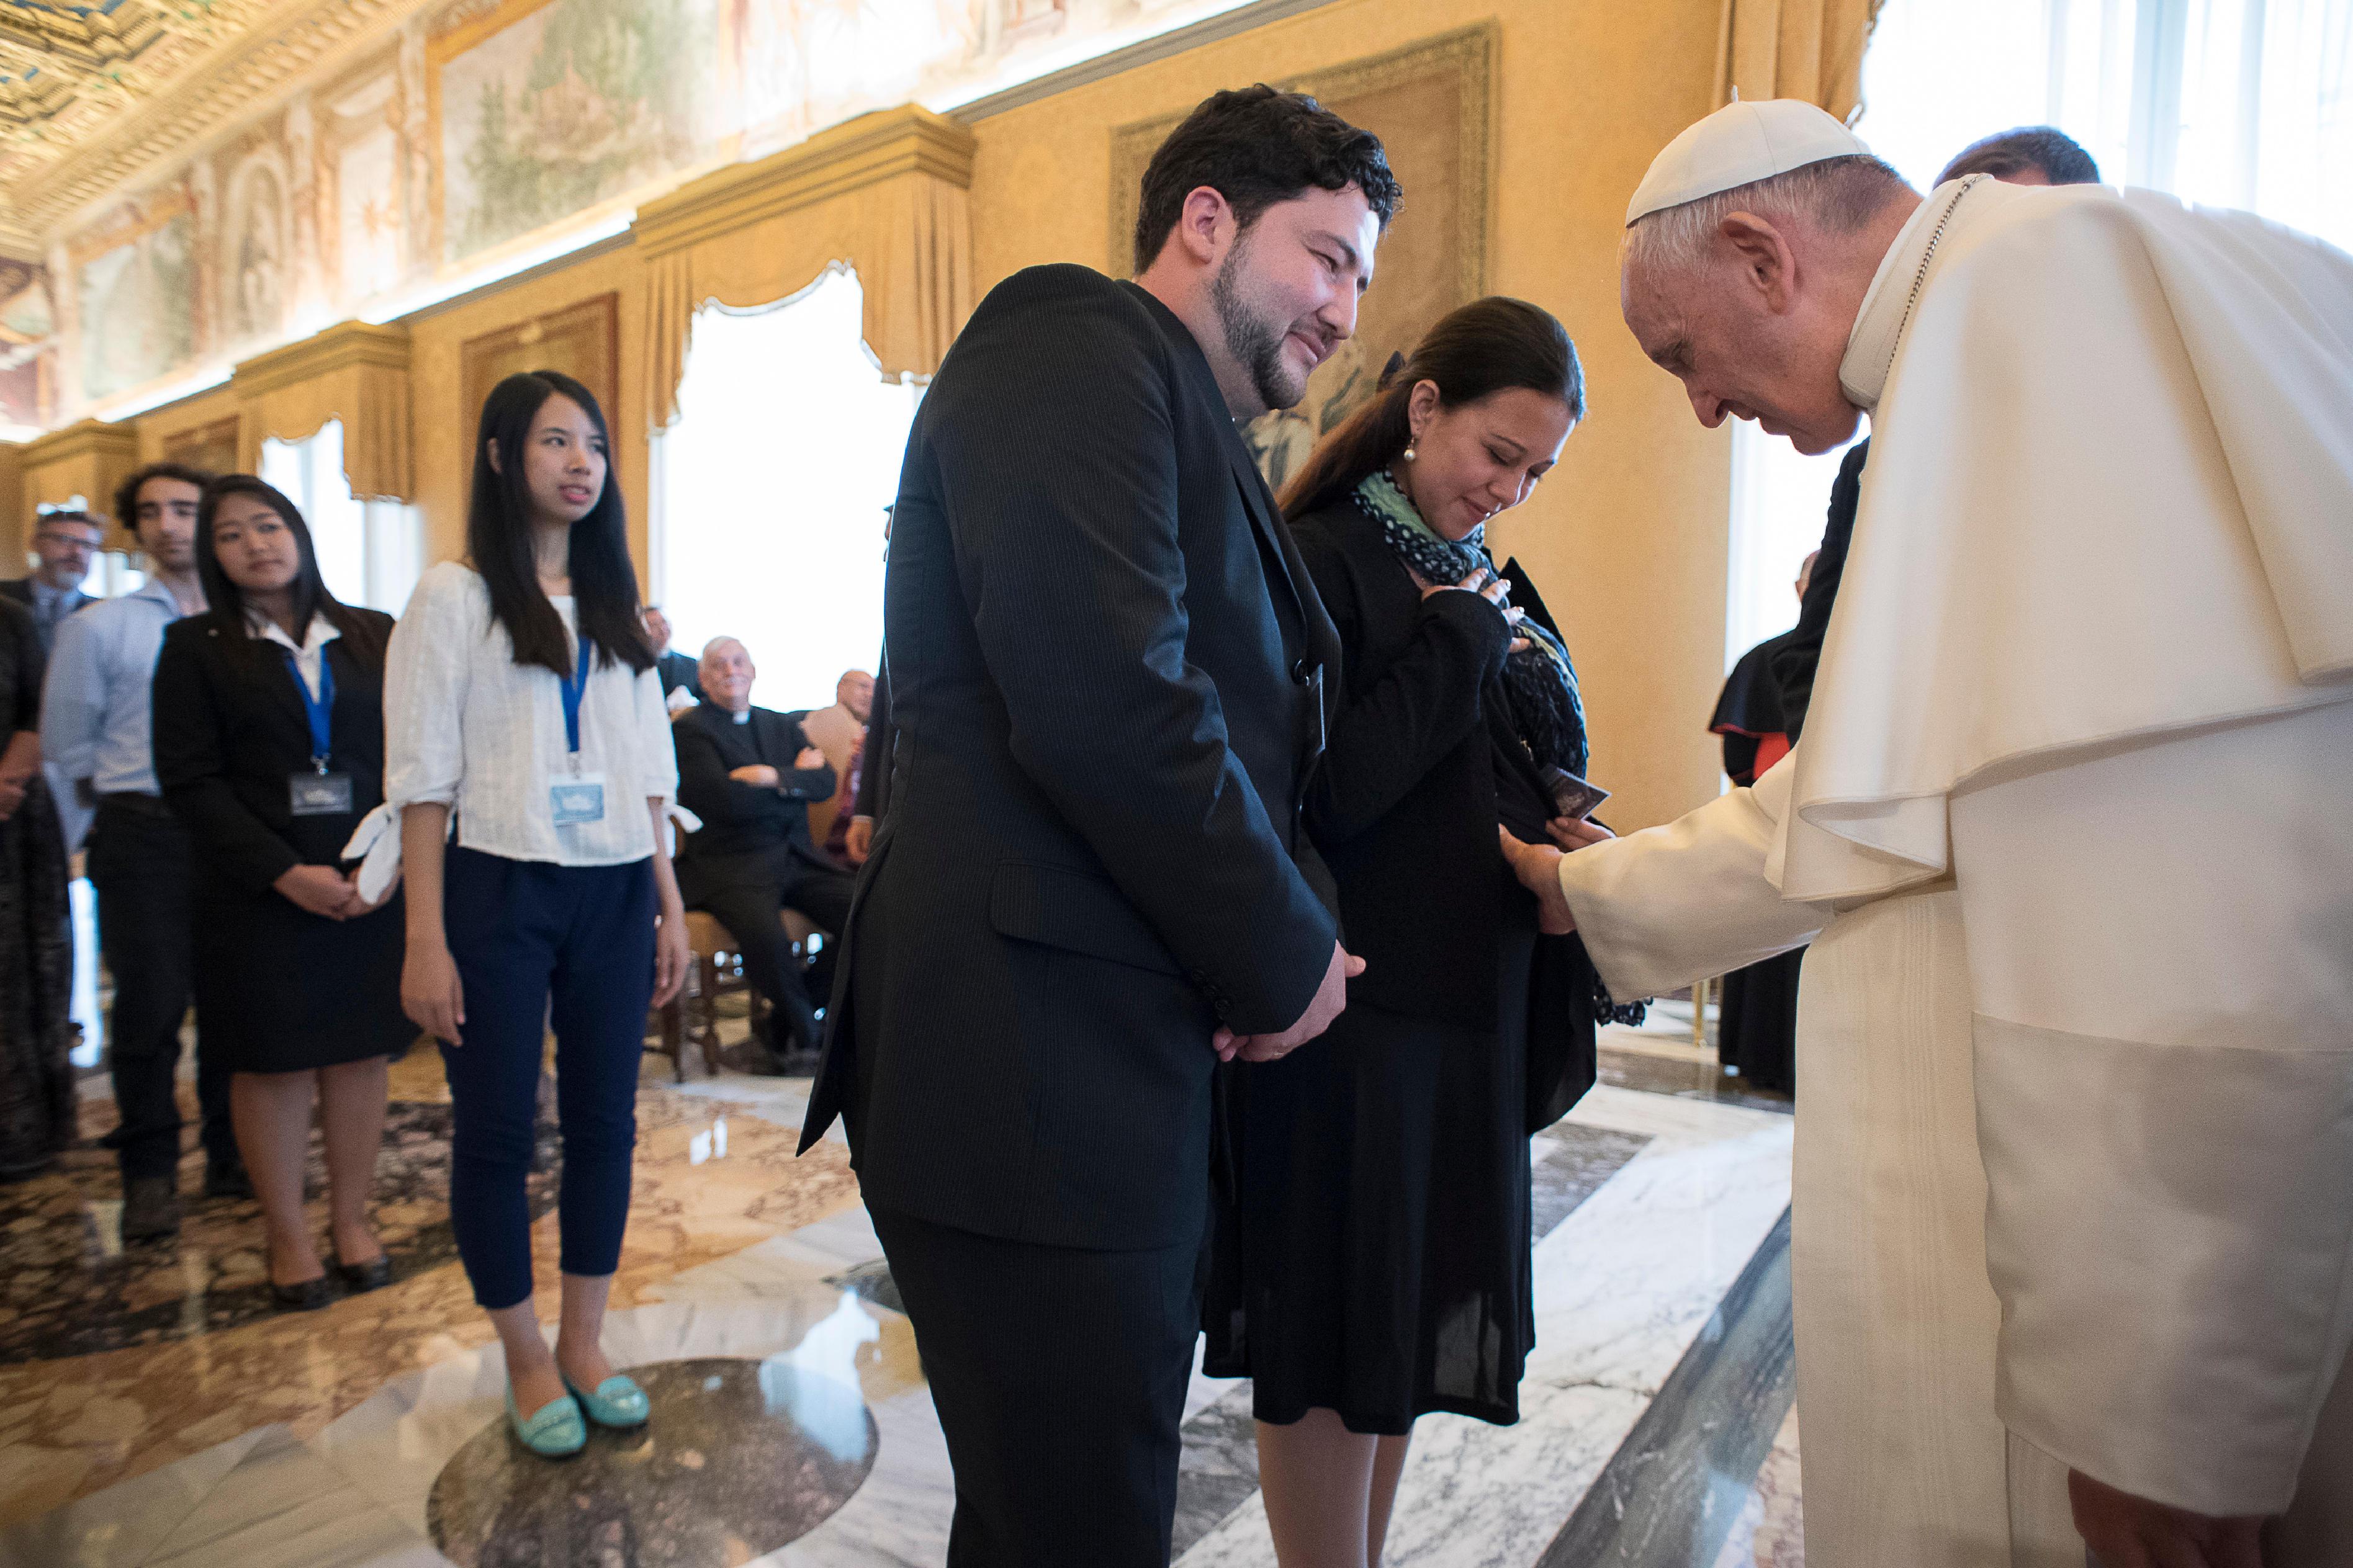 Maman enceinte, Specola vaticana, 11 juin 2016 L'Osservatore Romano